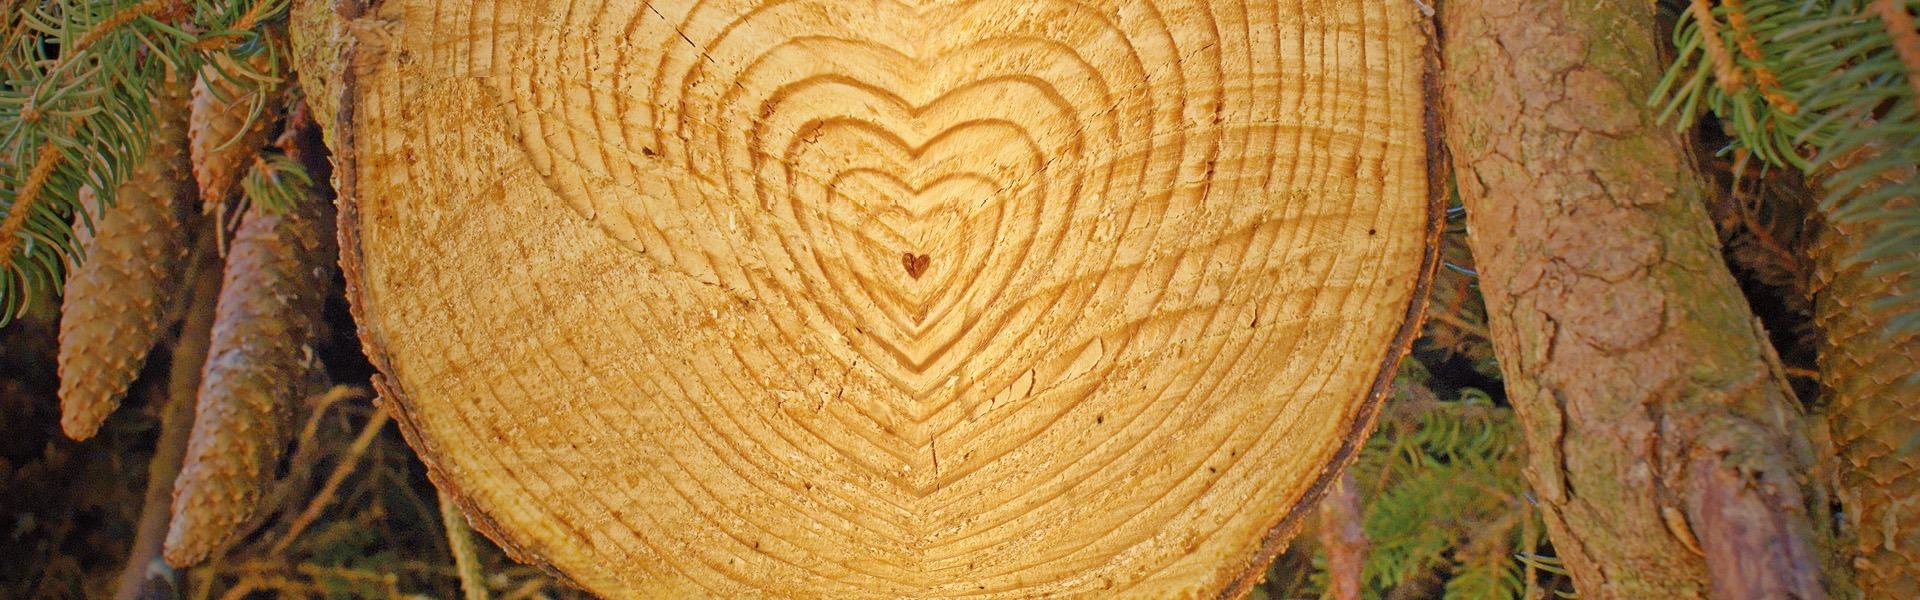 Ein Querschnitt eines Baumstammes, dessen Ringe ein Herz bilden